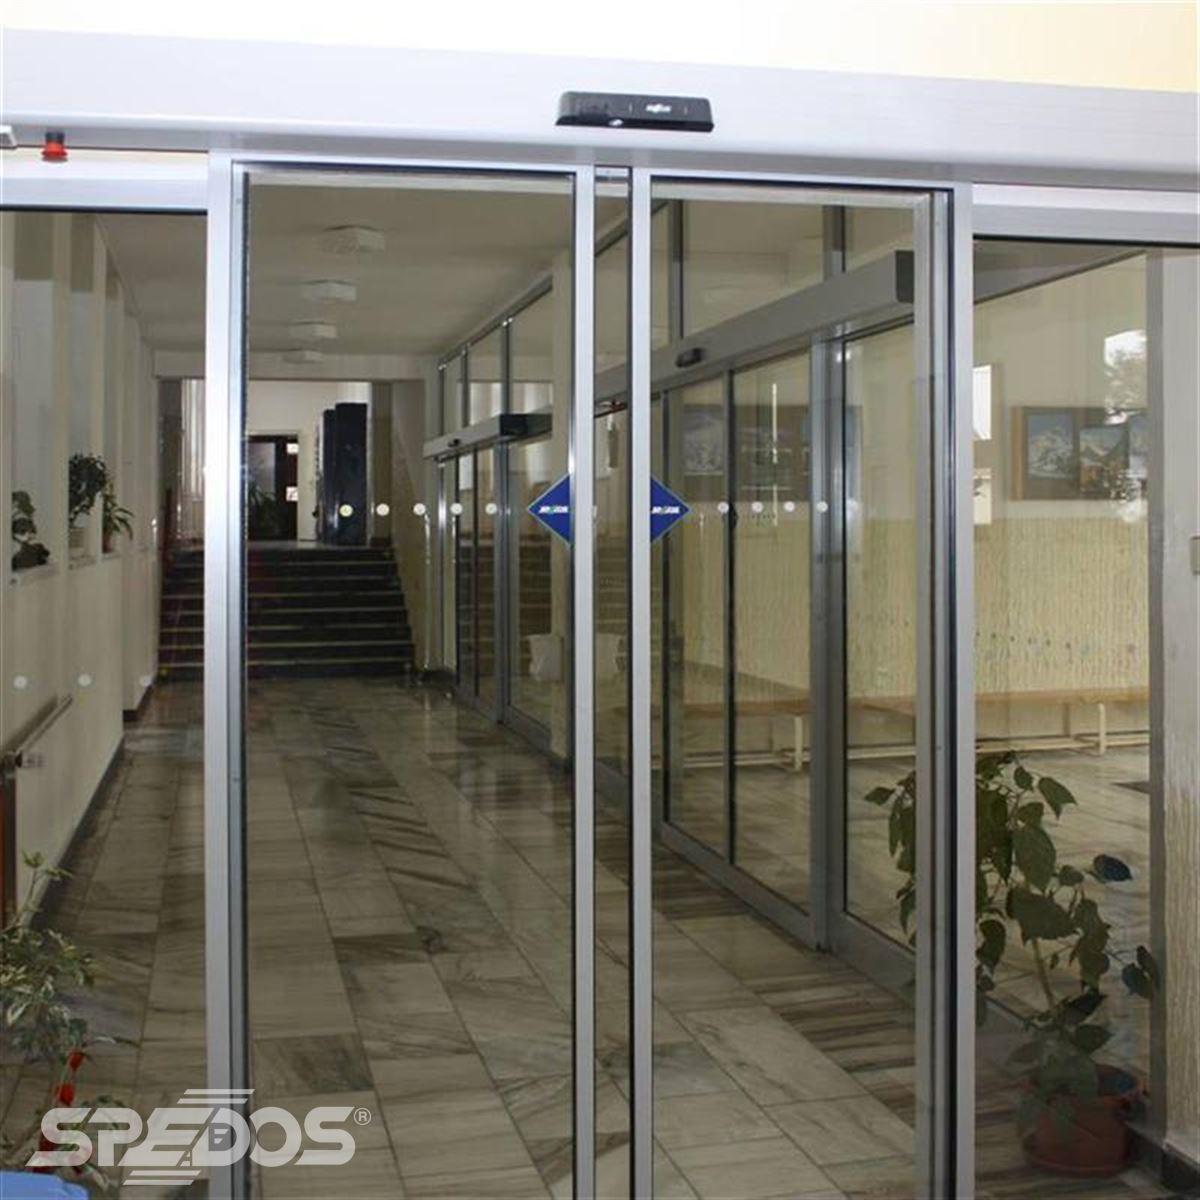 Dvoukřídlé automatické dveře posuvné v základní škole 4